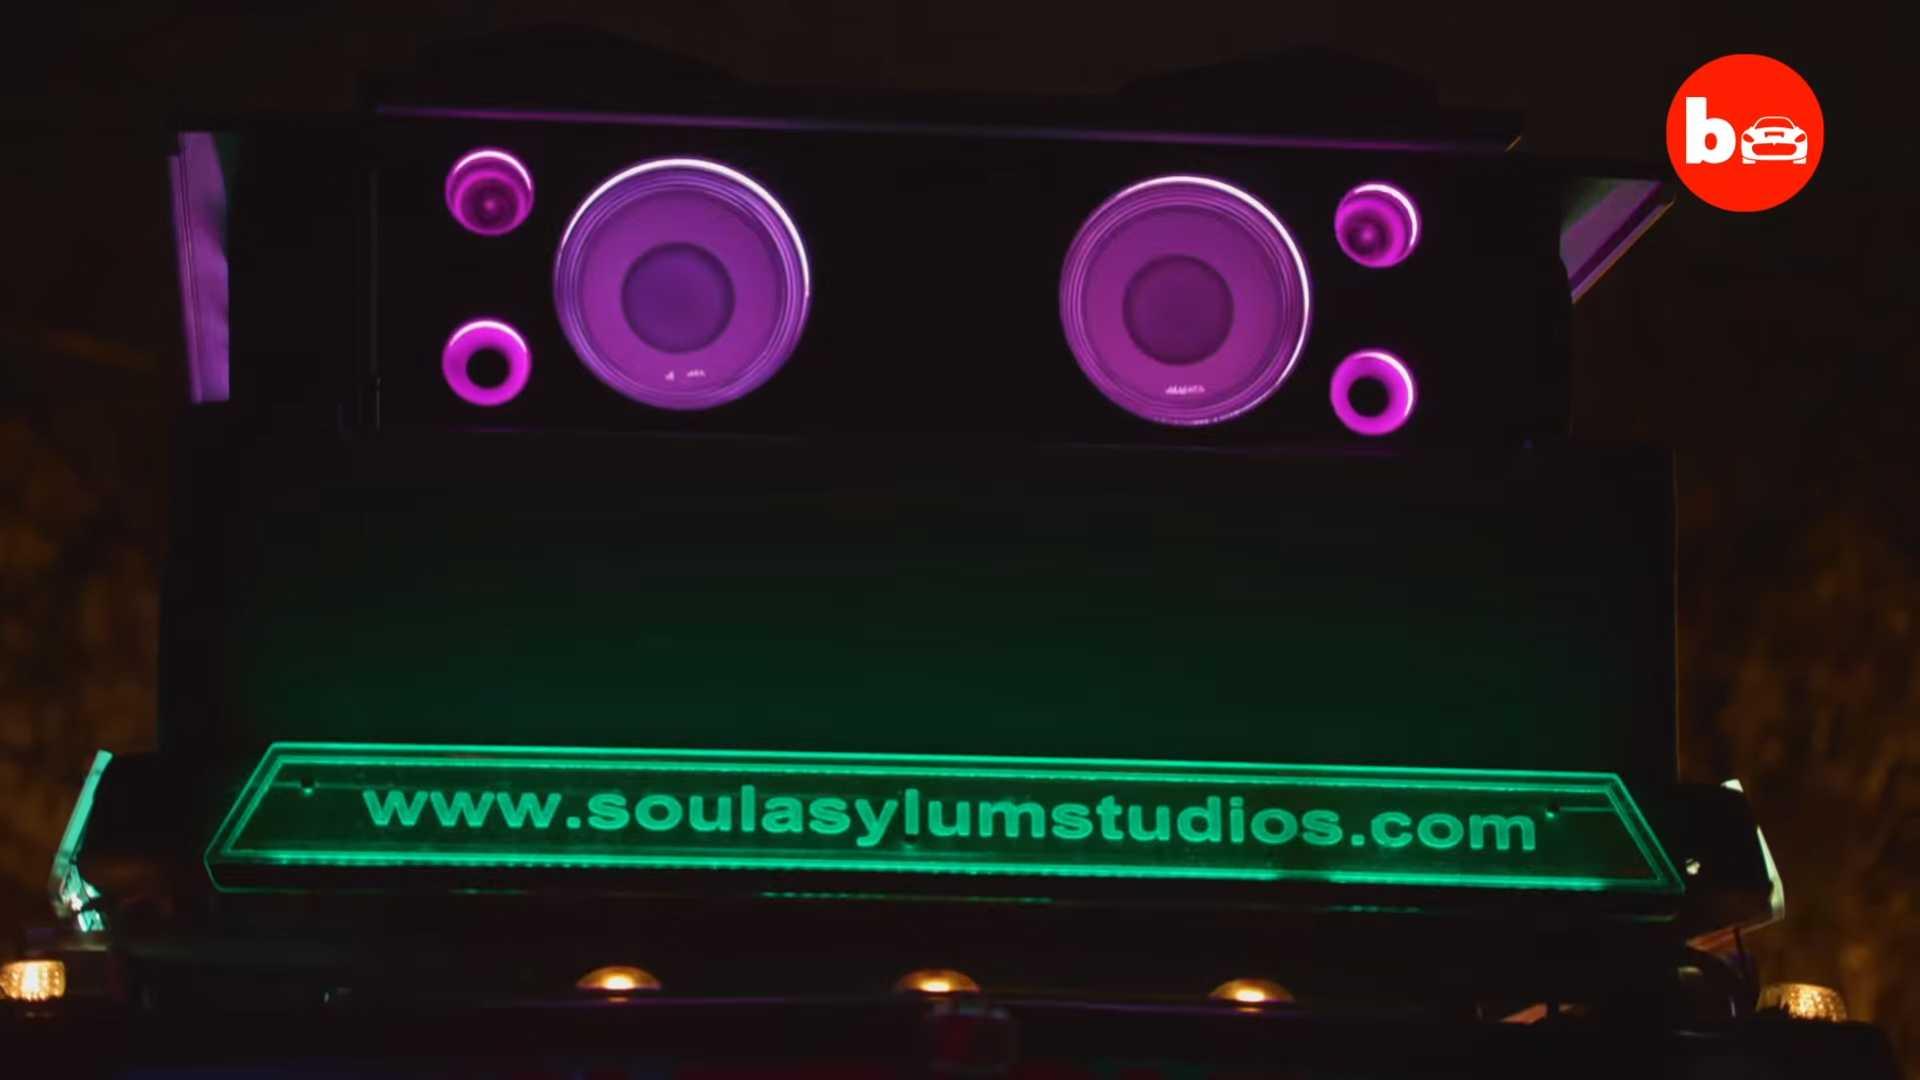 Из Hummer сделали сверхмощную музыкальную шкатулку 3